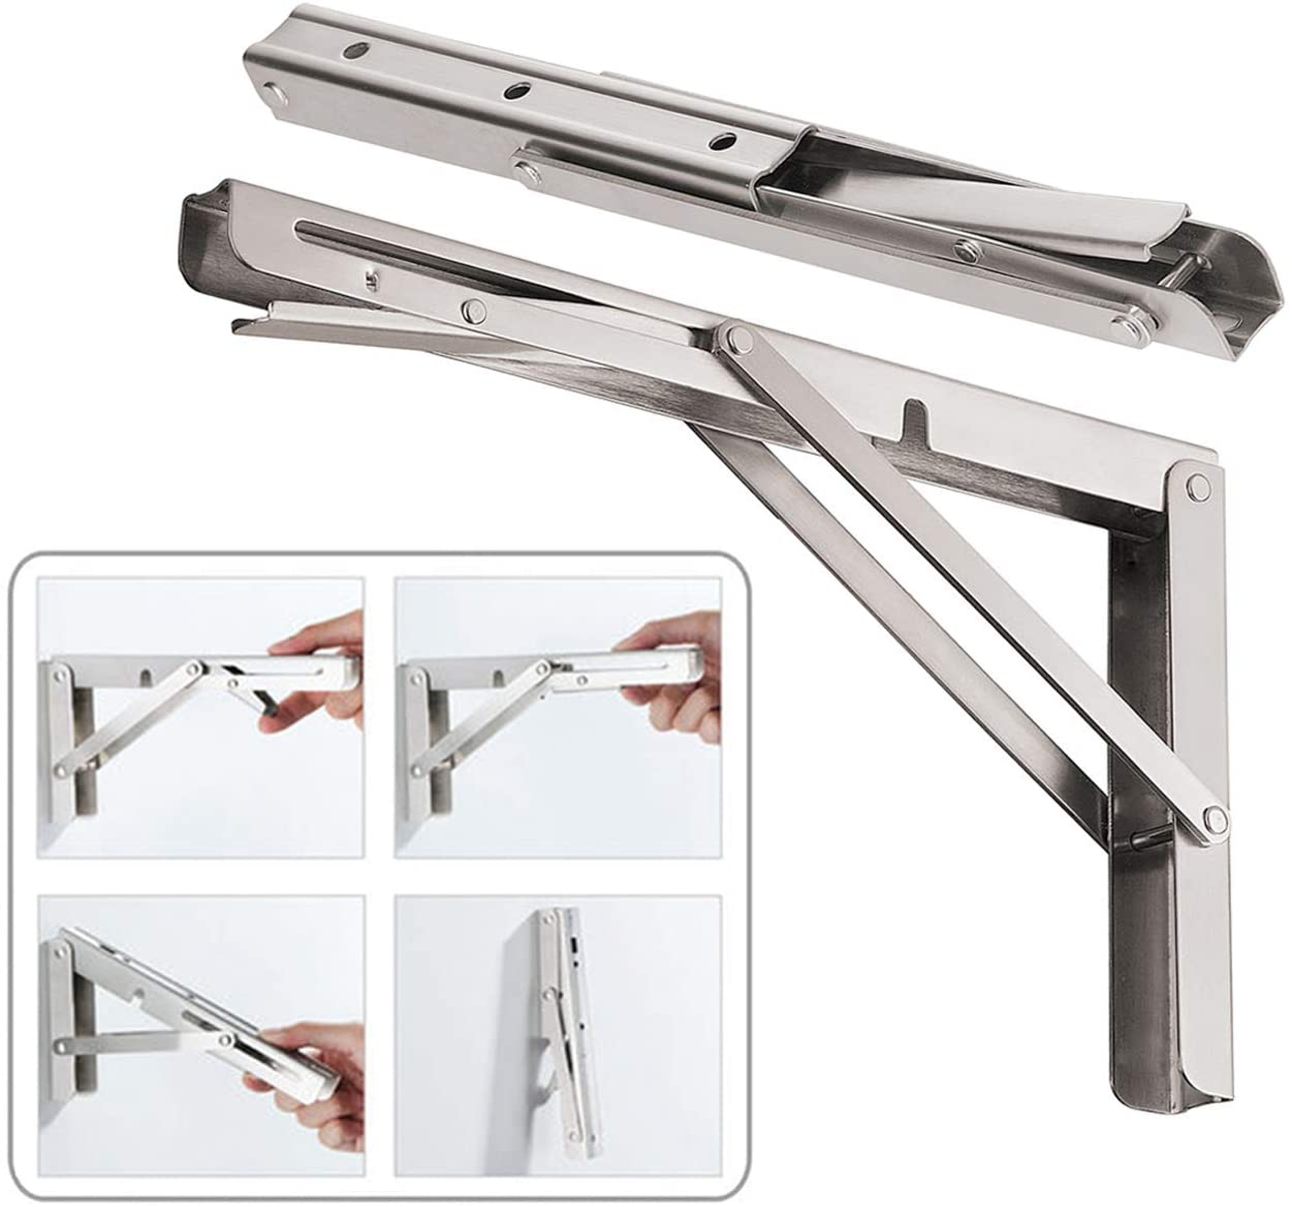 CUZURLUV 16'' Folding Shelf Brackets Max. Load 440 lb